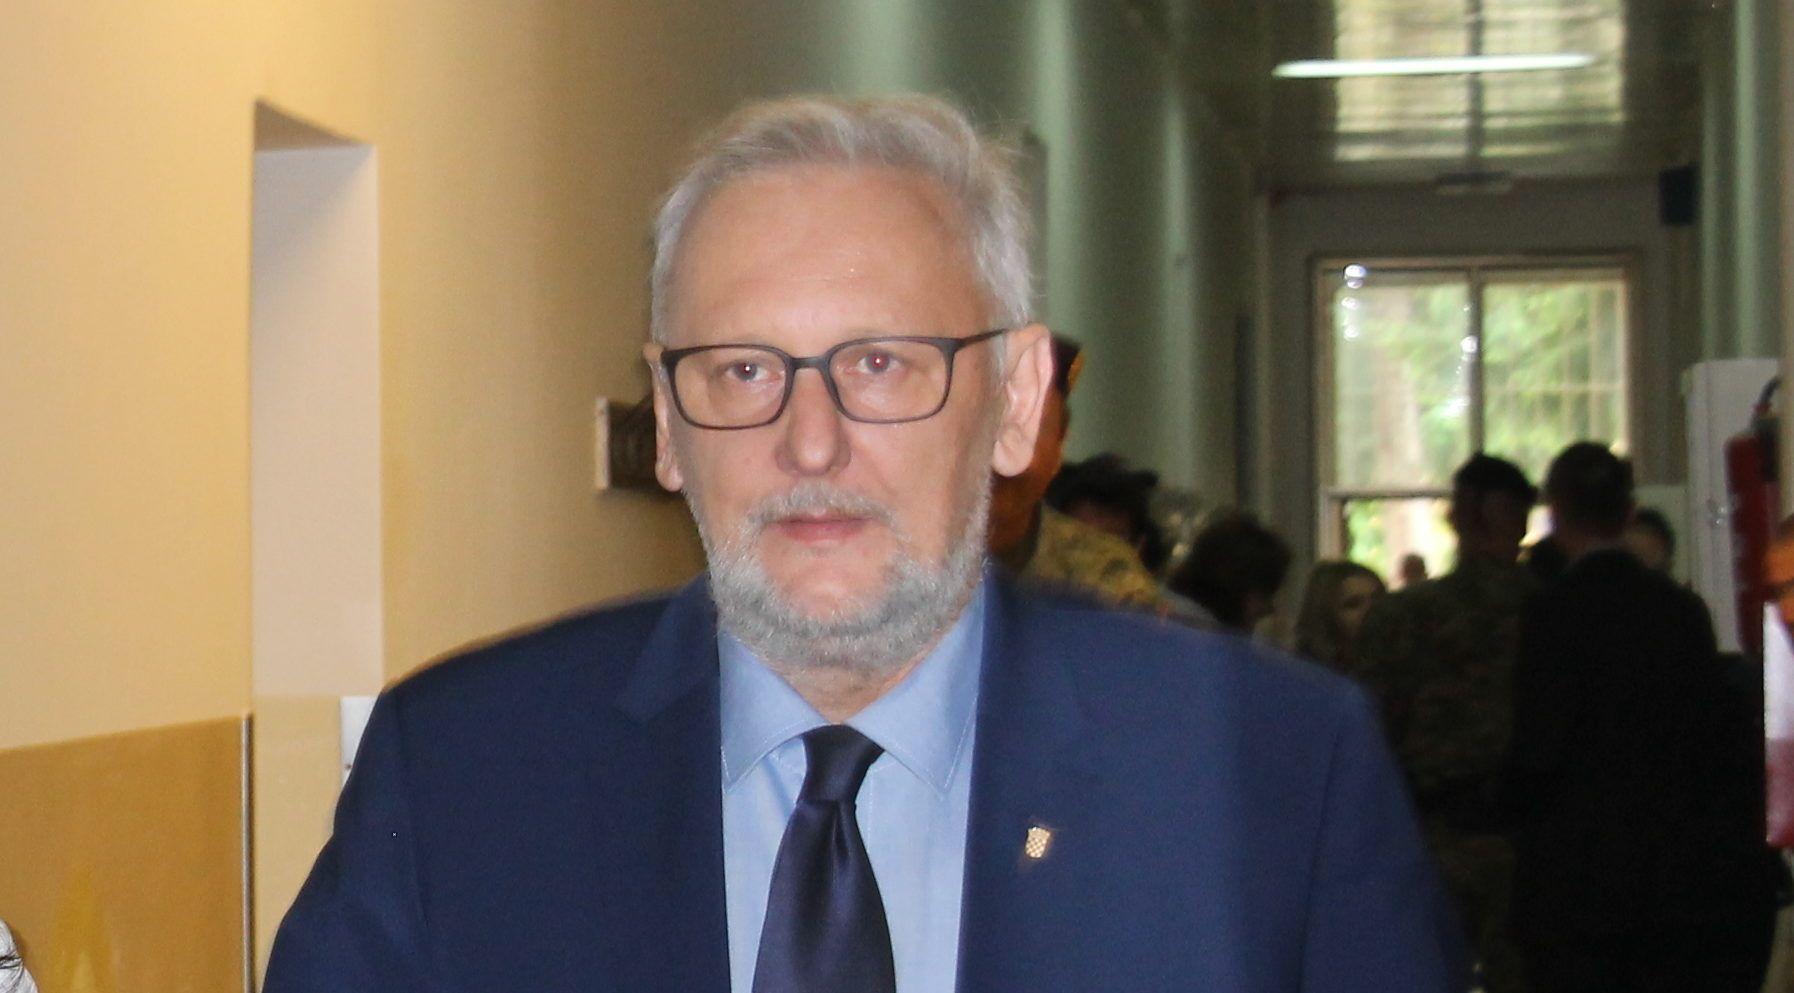 Ministar Božinović: Pri hvatanju ilegalnih migranata policajci su postupili u skladu sa zakonom